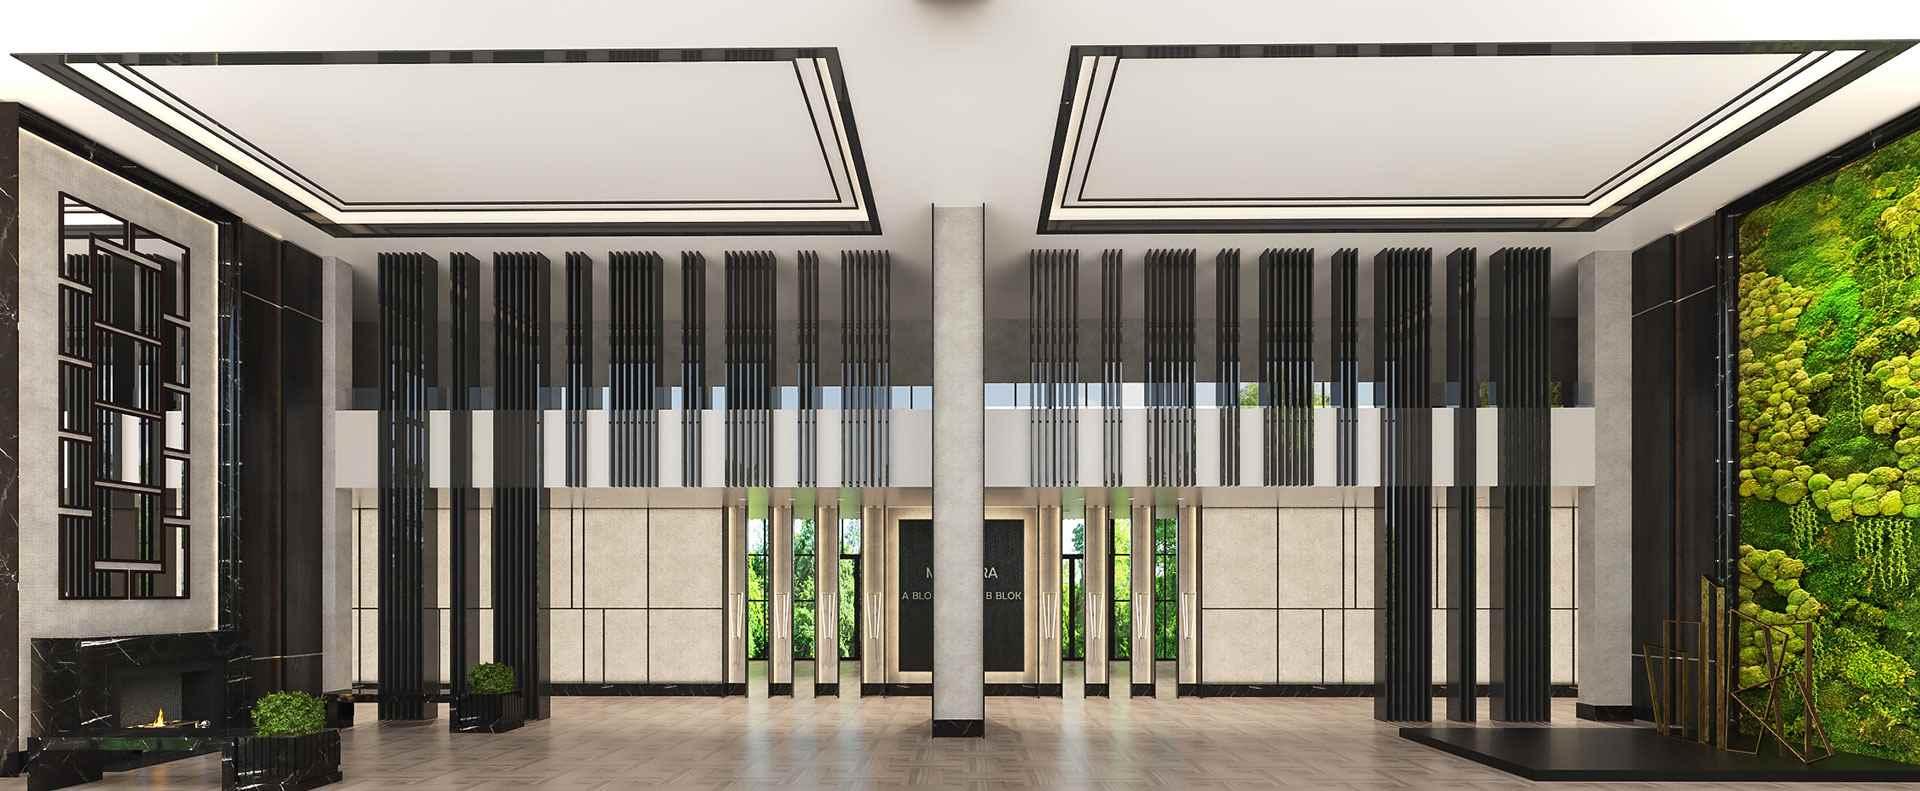 Azur Marmara istanbul uygun fiyatlı konut projeleri